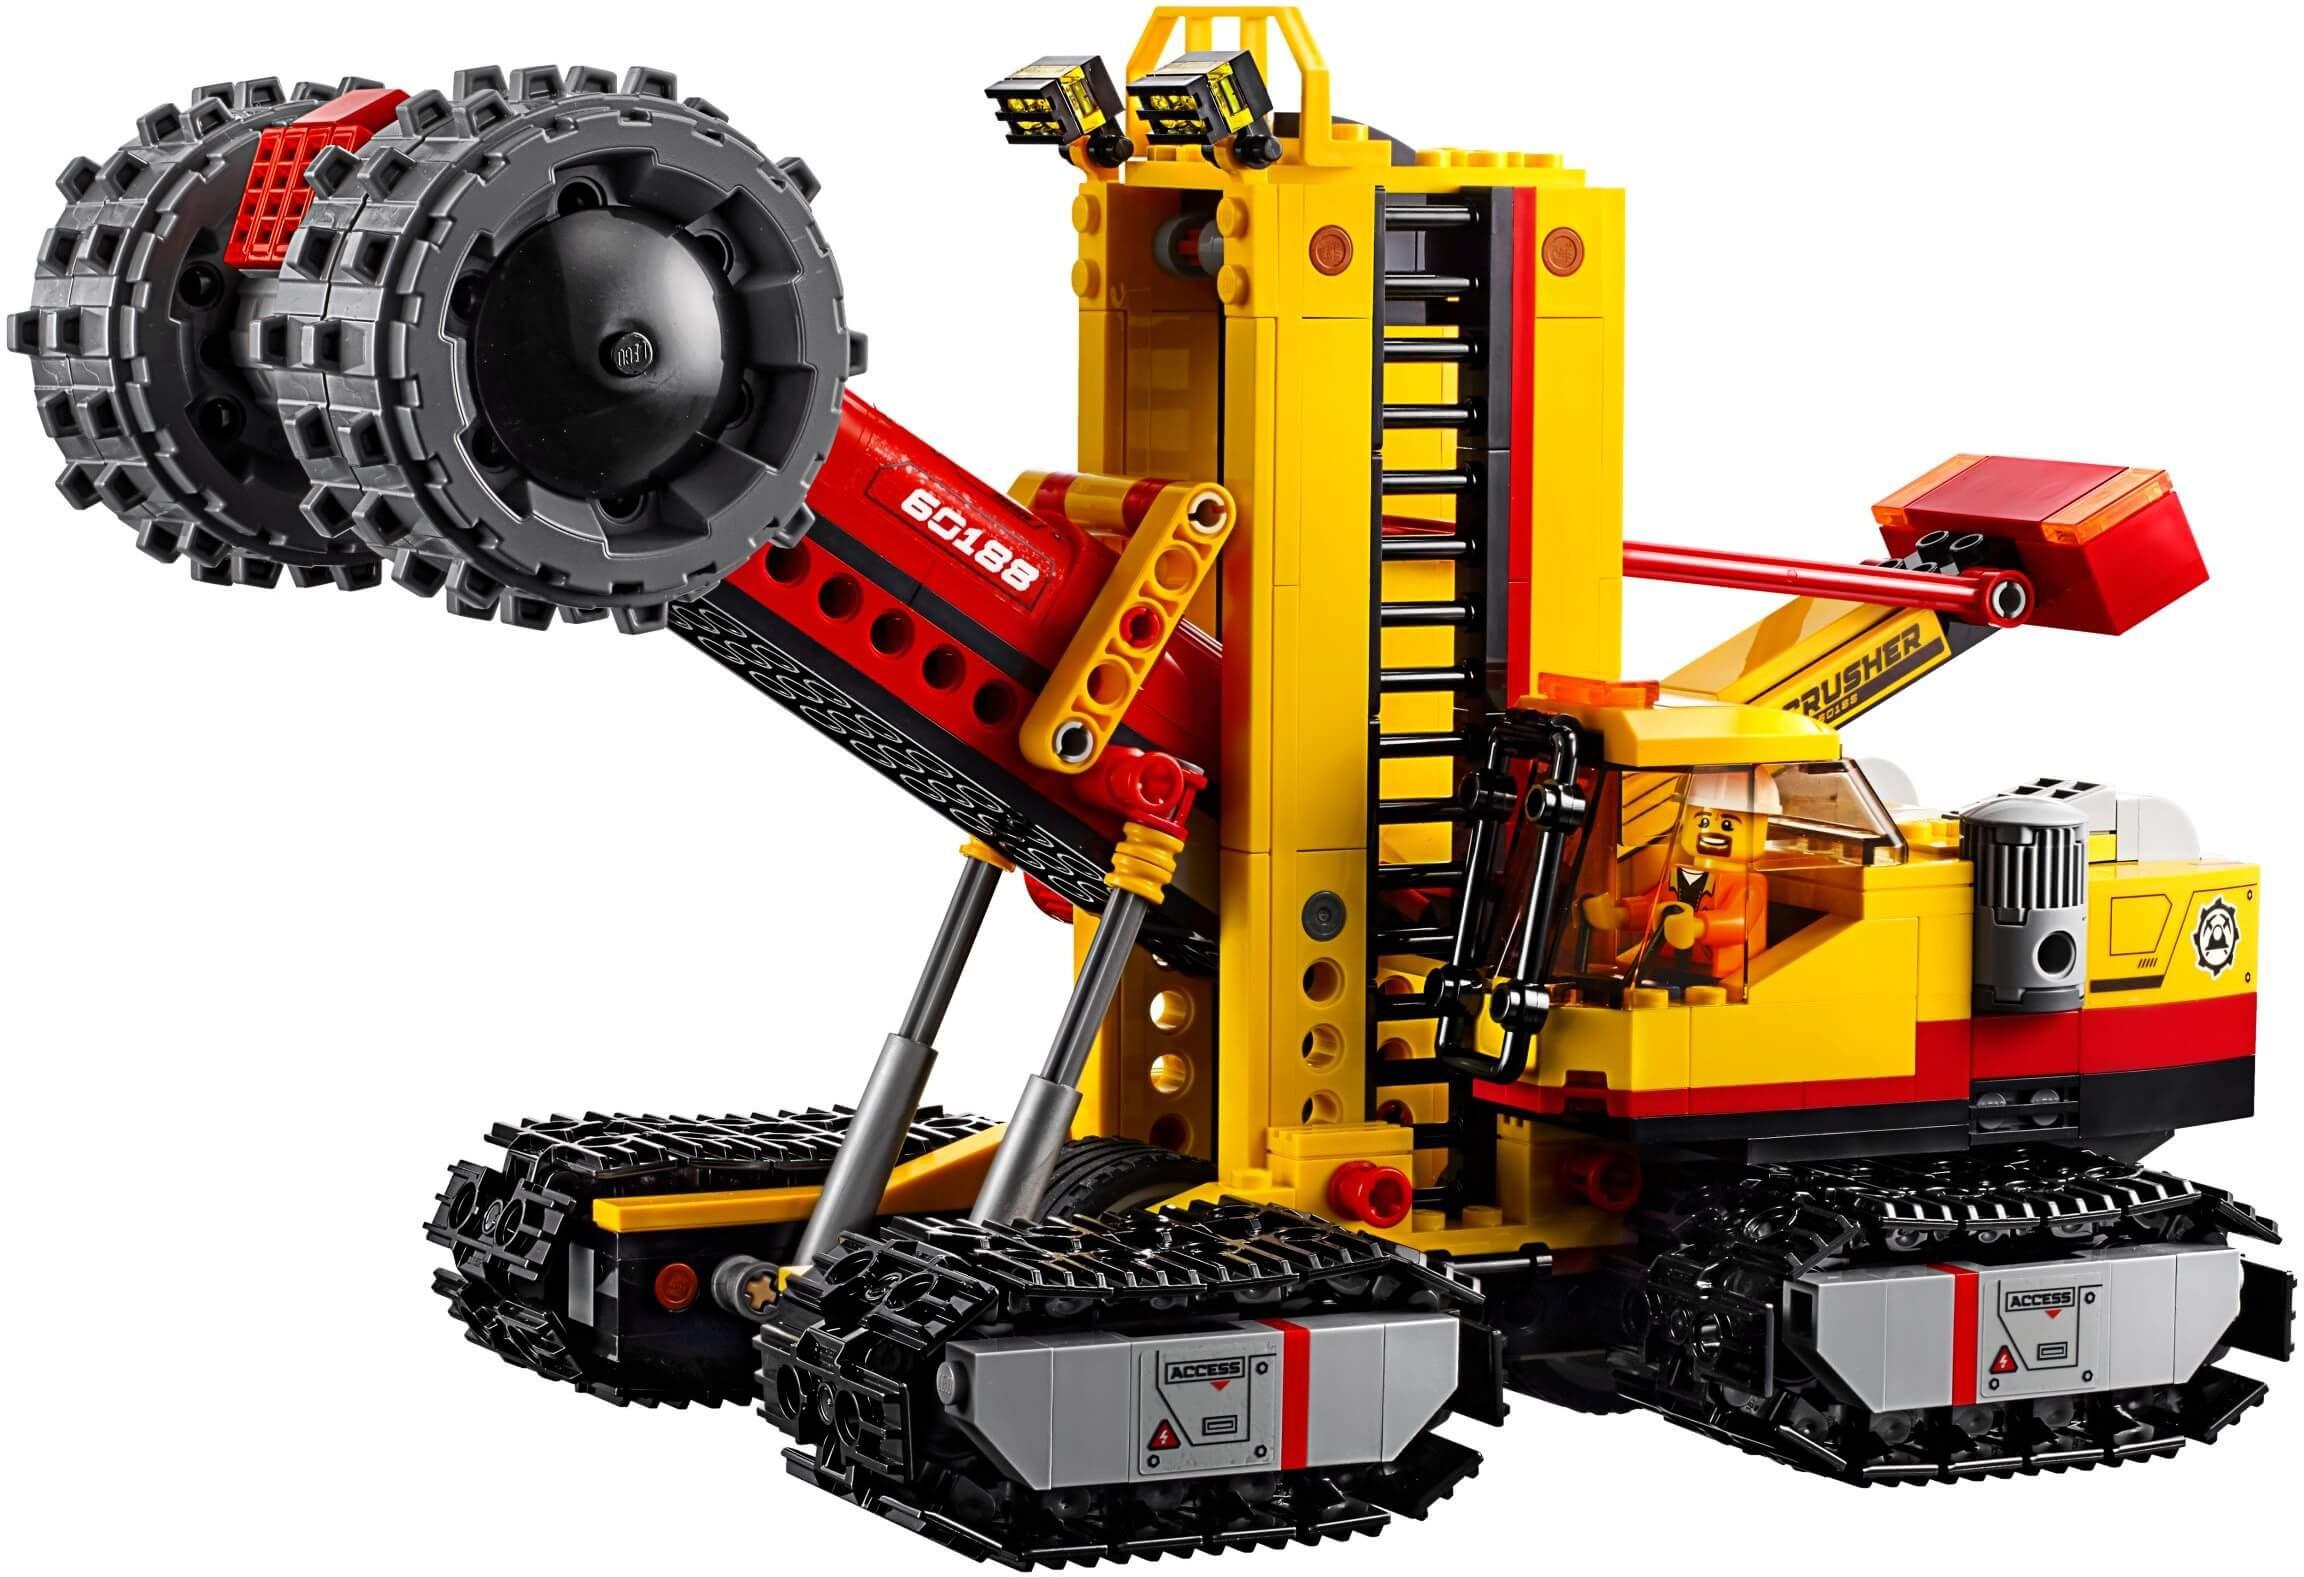 Mua đồ chơi LEGO 60188 - LEGO City 60188 - Đội Xe Đào Mỏ Chuyên Nghiệp (LEGO City 60188 Mining Experts Site)